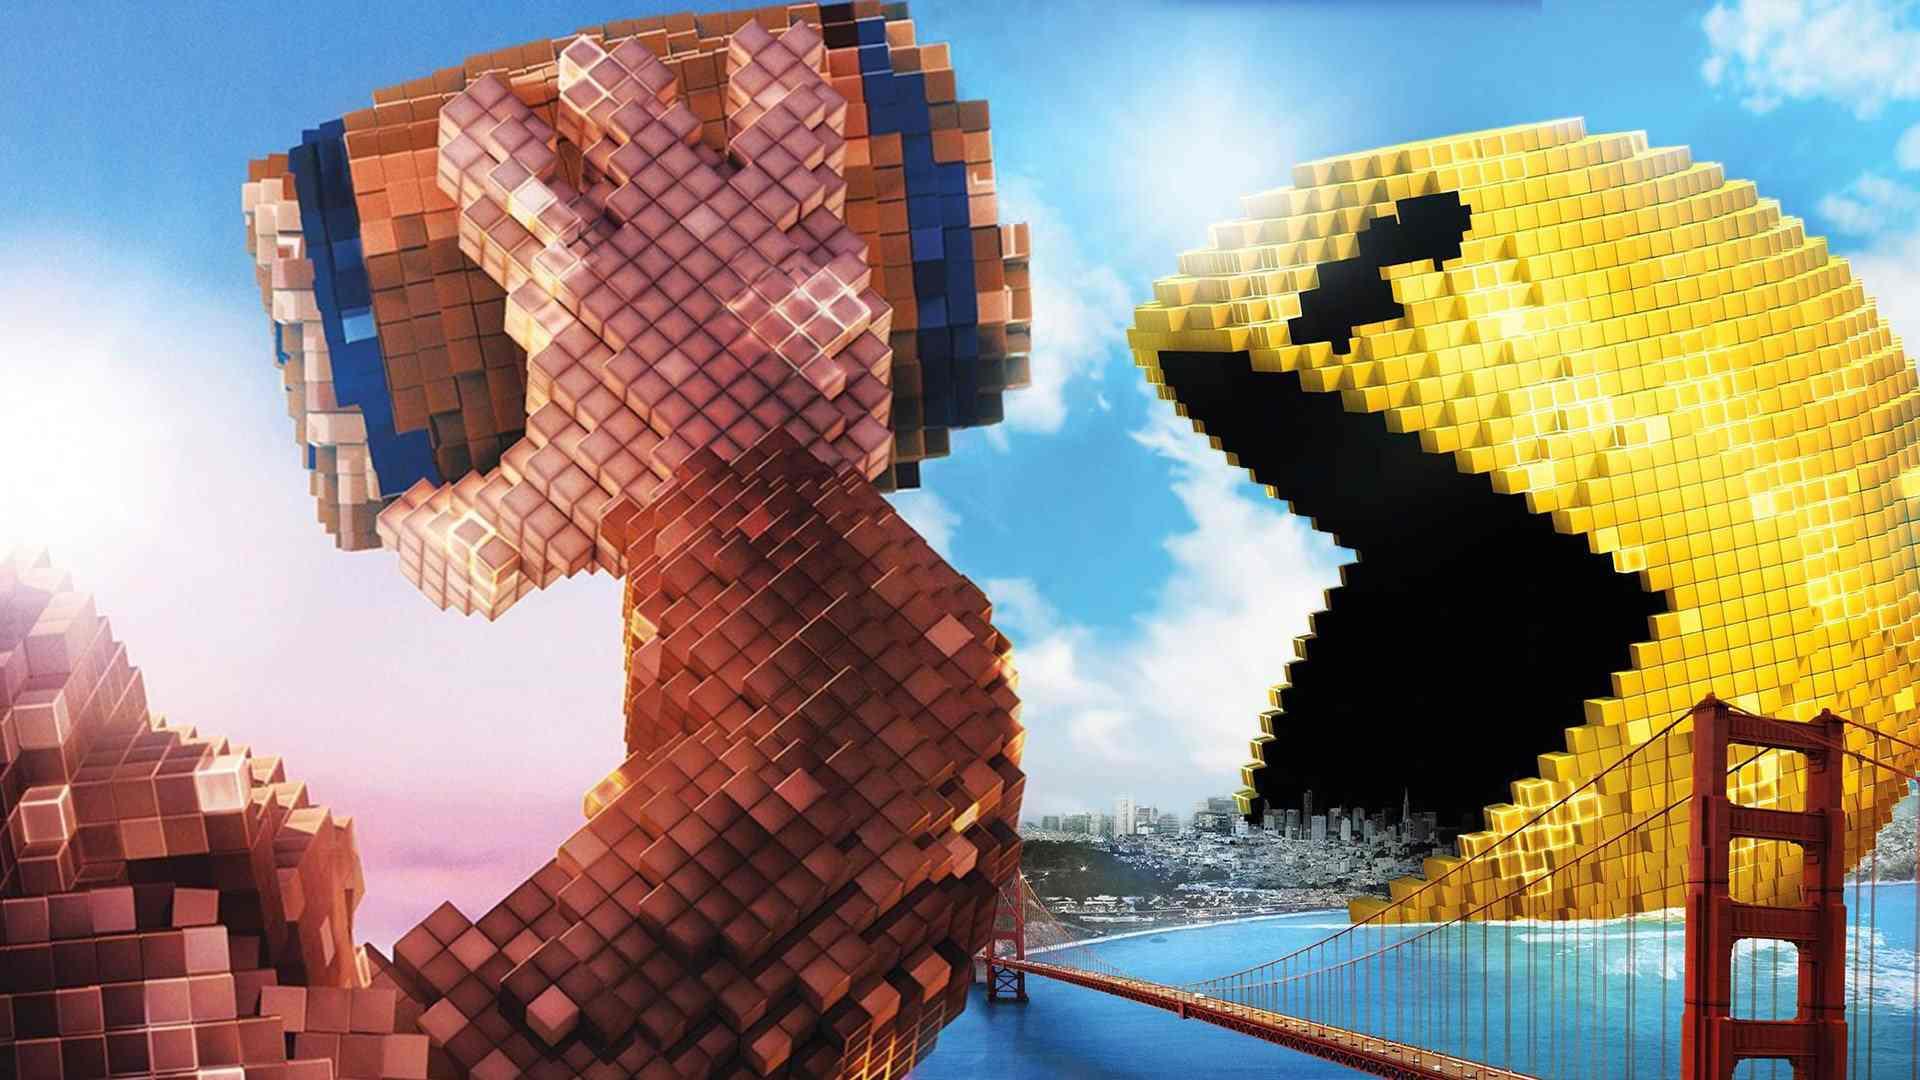 Grandes videojuegos basados en películas